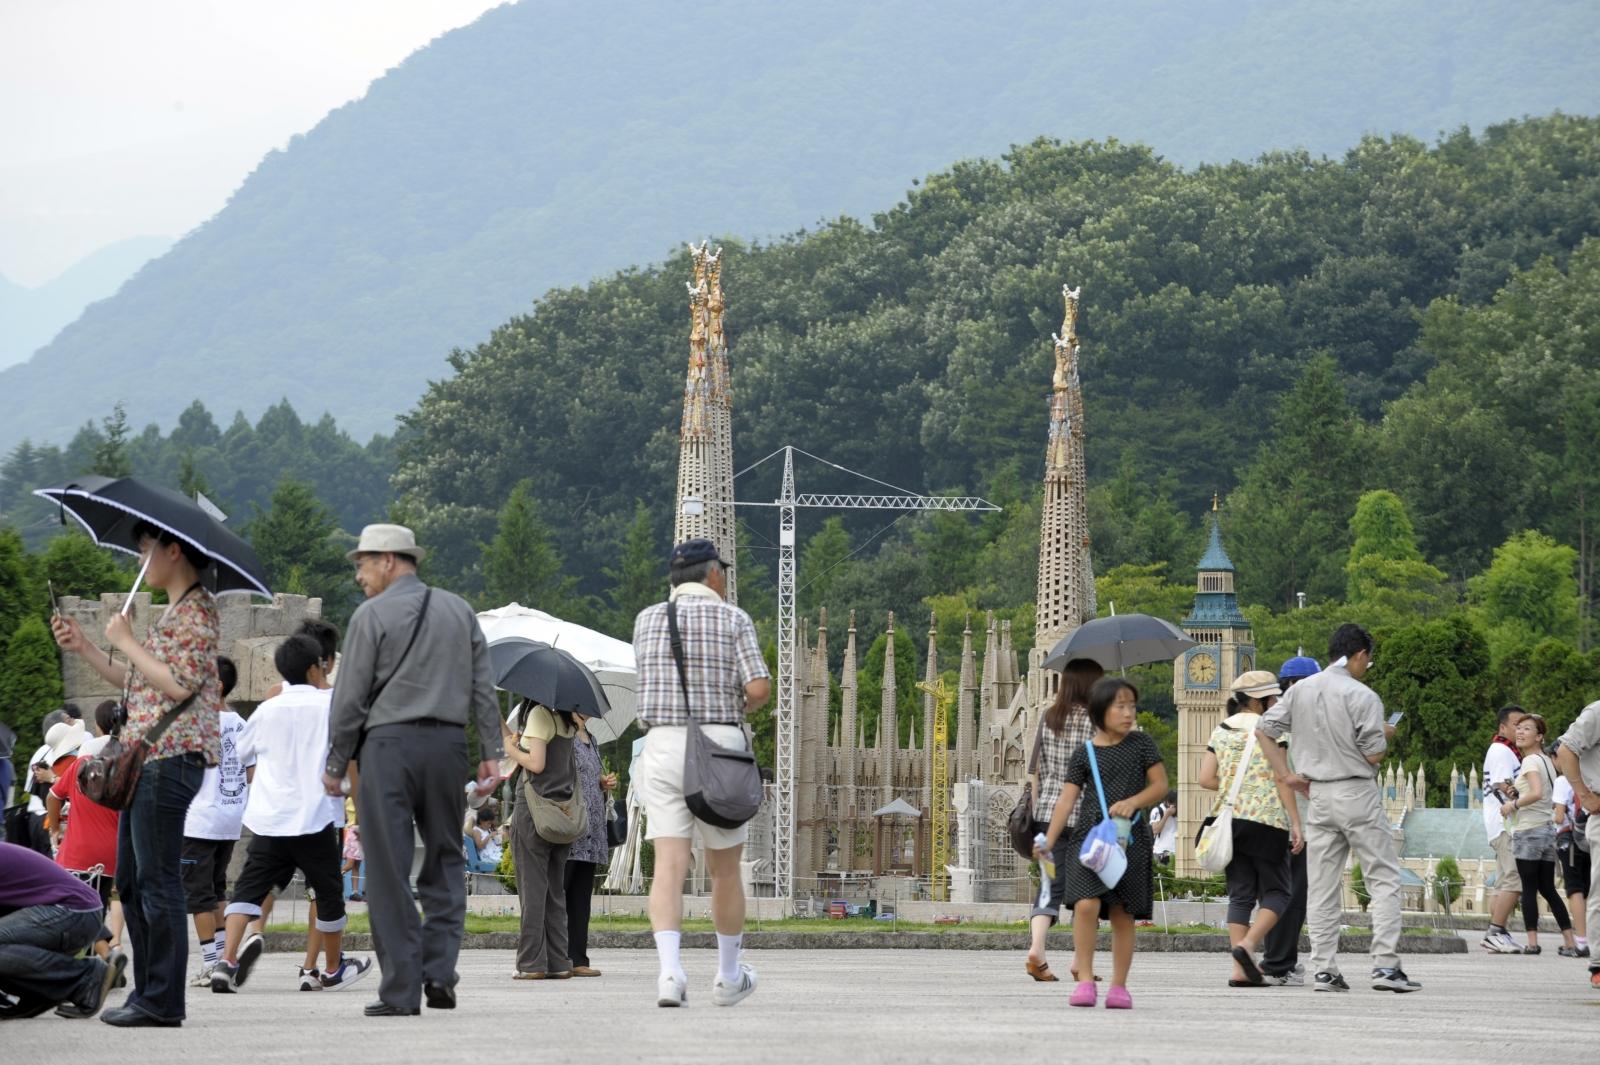 Utsunomiya Japan  city photo : Twin explosions rock Utsunomiya park in Japan causing multiple ...